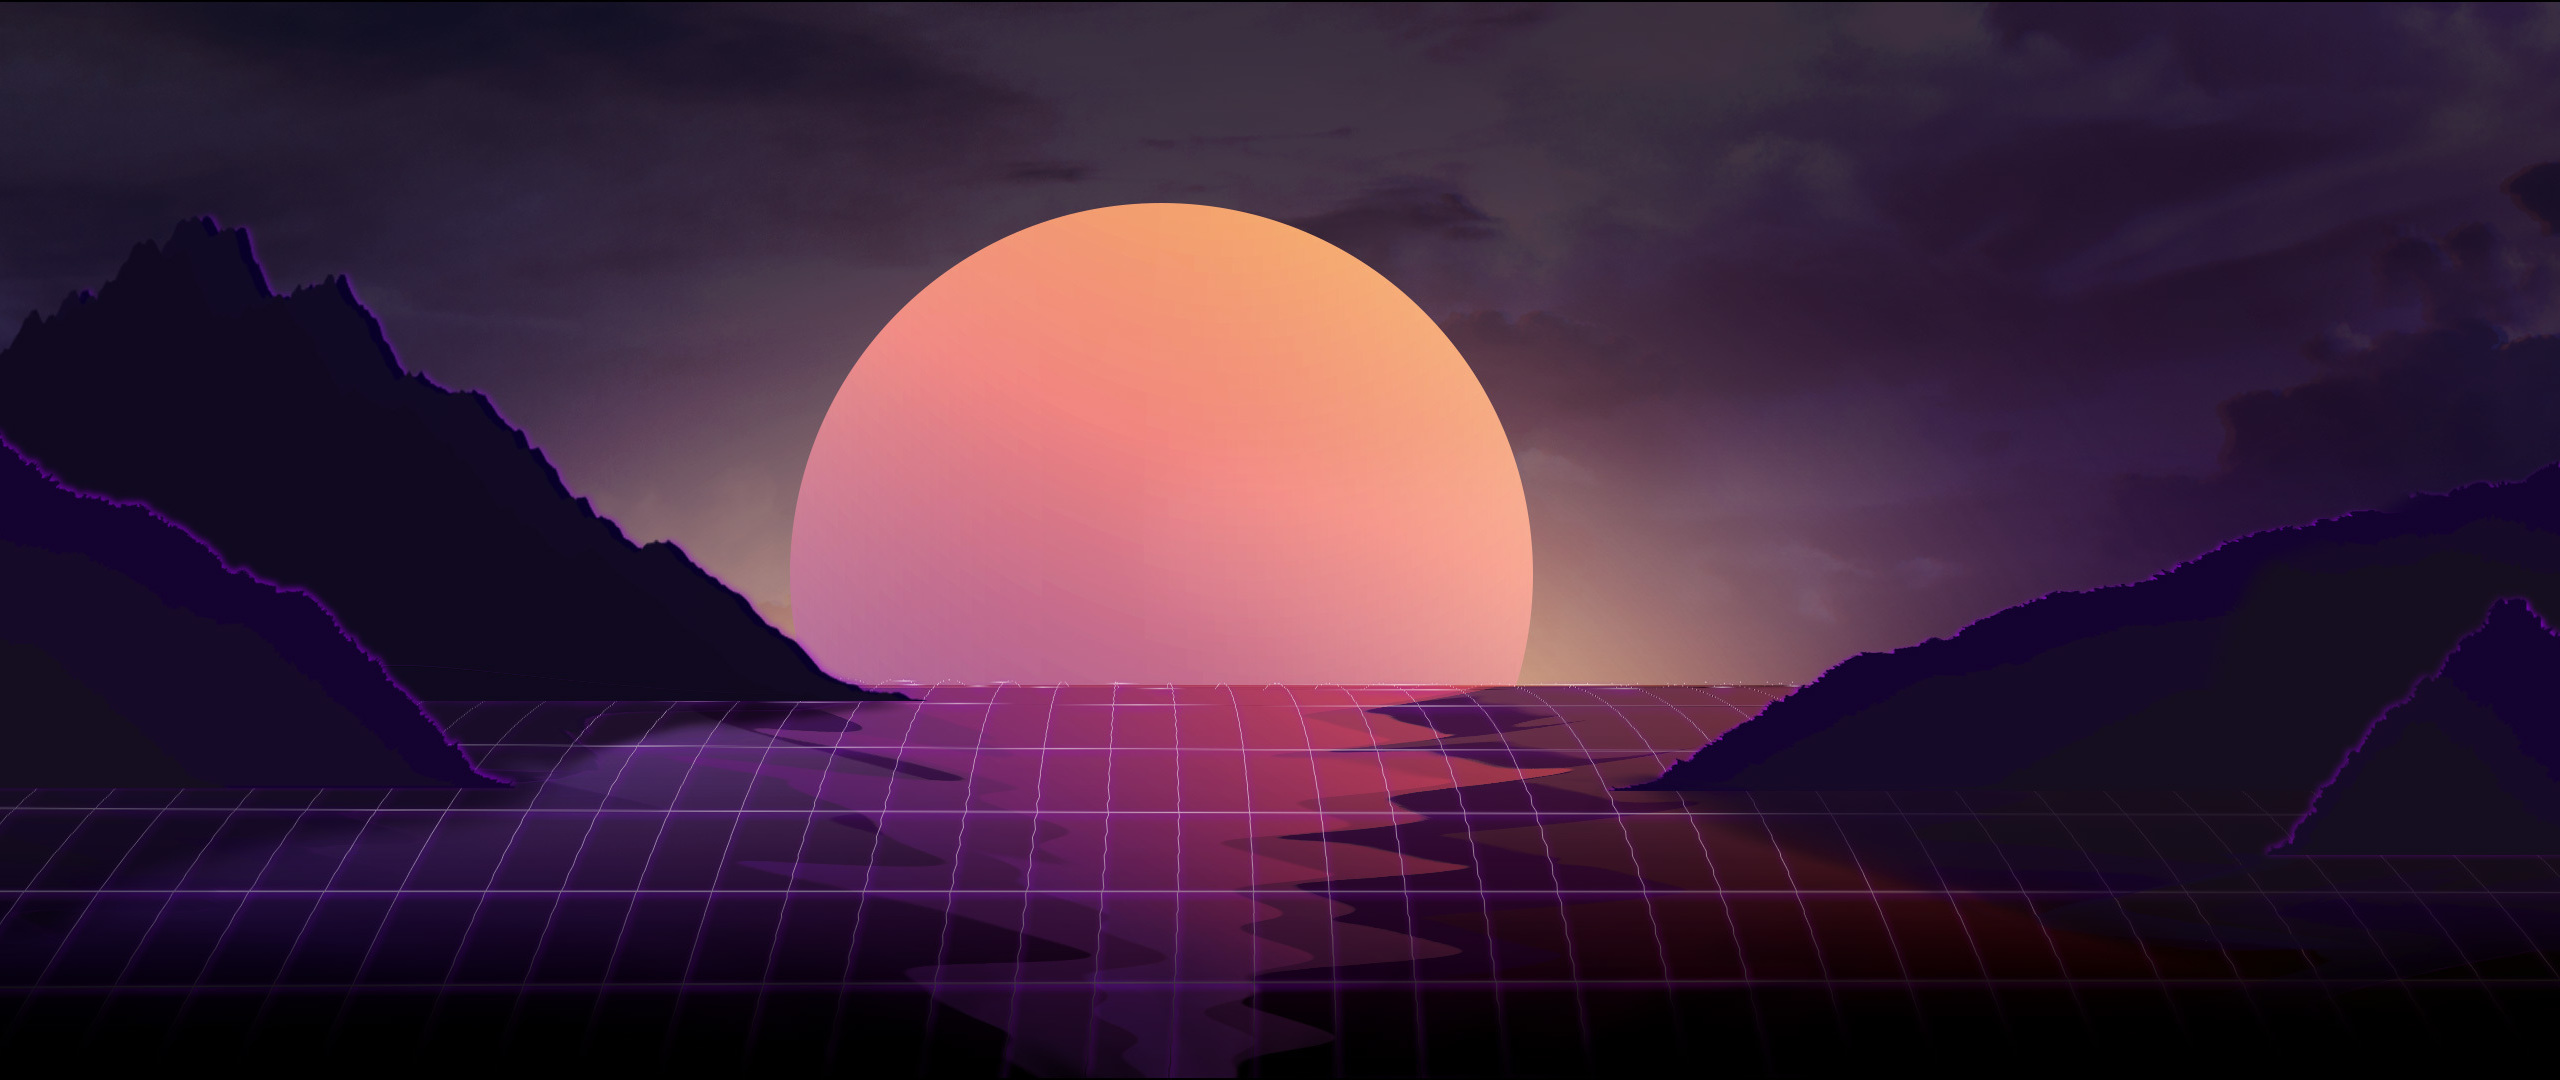 Vapor Wave Sunset Hd 4k Wallpaper